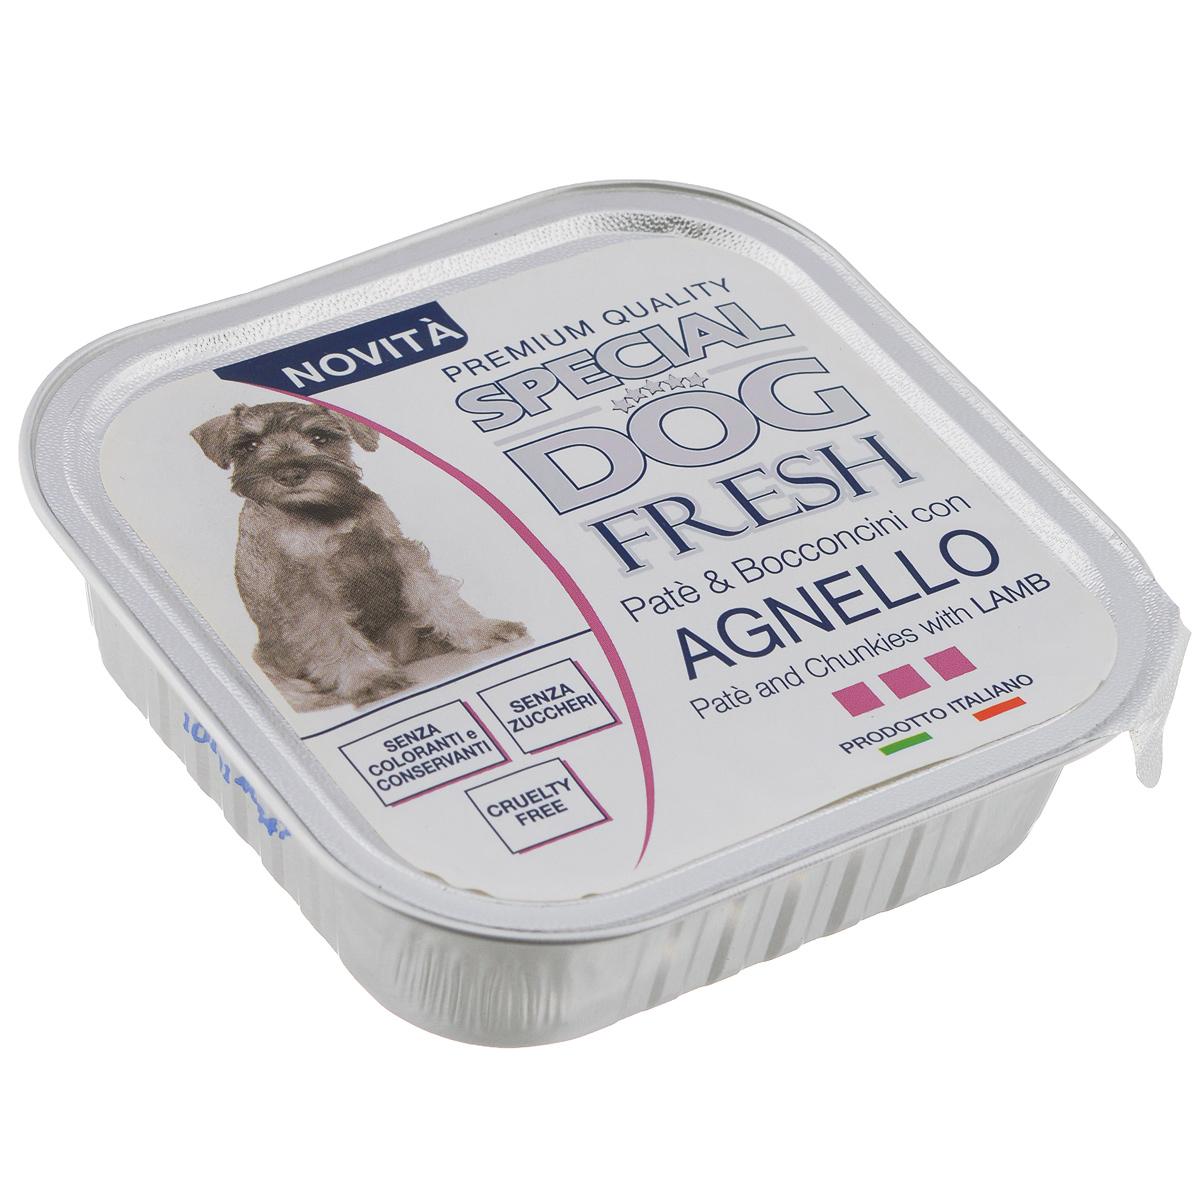 Консервы для собак Monge Special Dog Fresh, с ягненком, 150 г70008648Консервы для собак Monge Special Dog Fresh - это полноценный сбалансированный корм для собак. Паштет из мяса ягненка. Состав: свежее мясо 80% (мин. 10% мяса ягненка), минеральные вещества, витамины. Технологические добавки: загустители и желирующие вещества. В данном продукте нет клейковины. Анализ компонентов: протеин 9%, жир 7%, сырая клетчатка 0,5%, сырая зола 1,2%, влажность 82%. Витамины и добавки на 1 кг: витамин А 2500 МЕ, витамин D3 300 МЕ, витамин Е 7 мг. Товар сертифицирован.